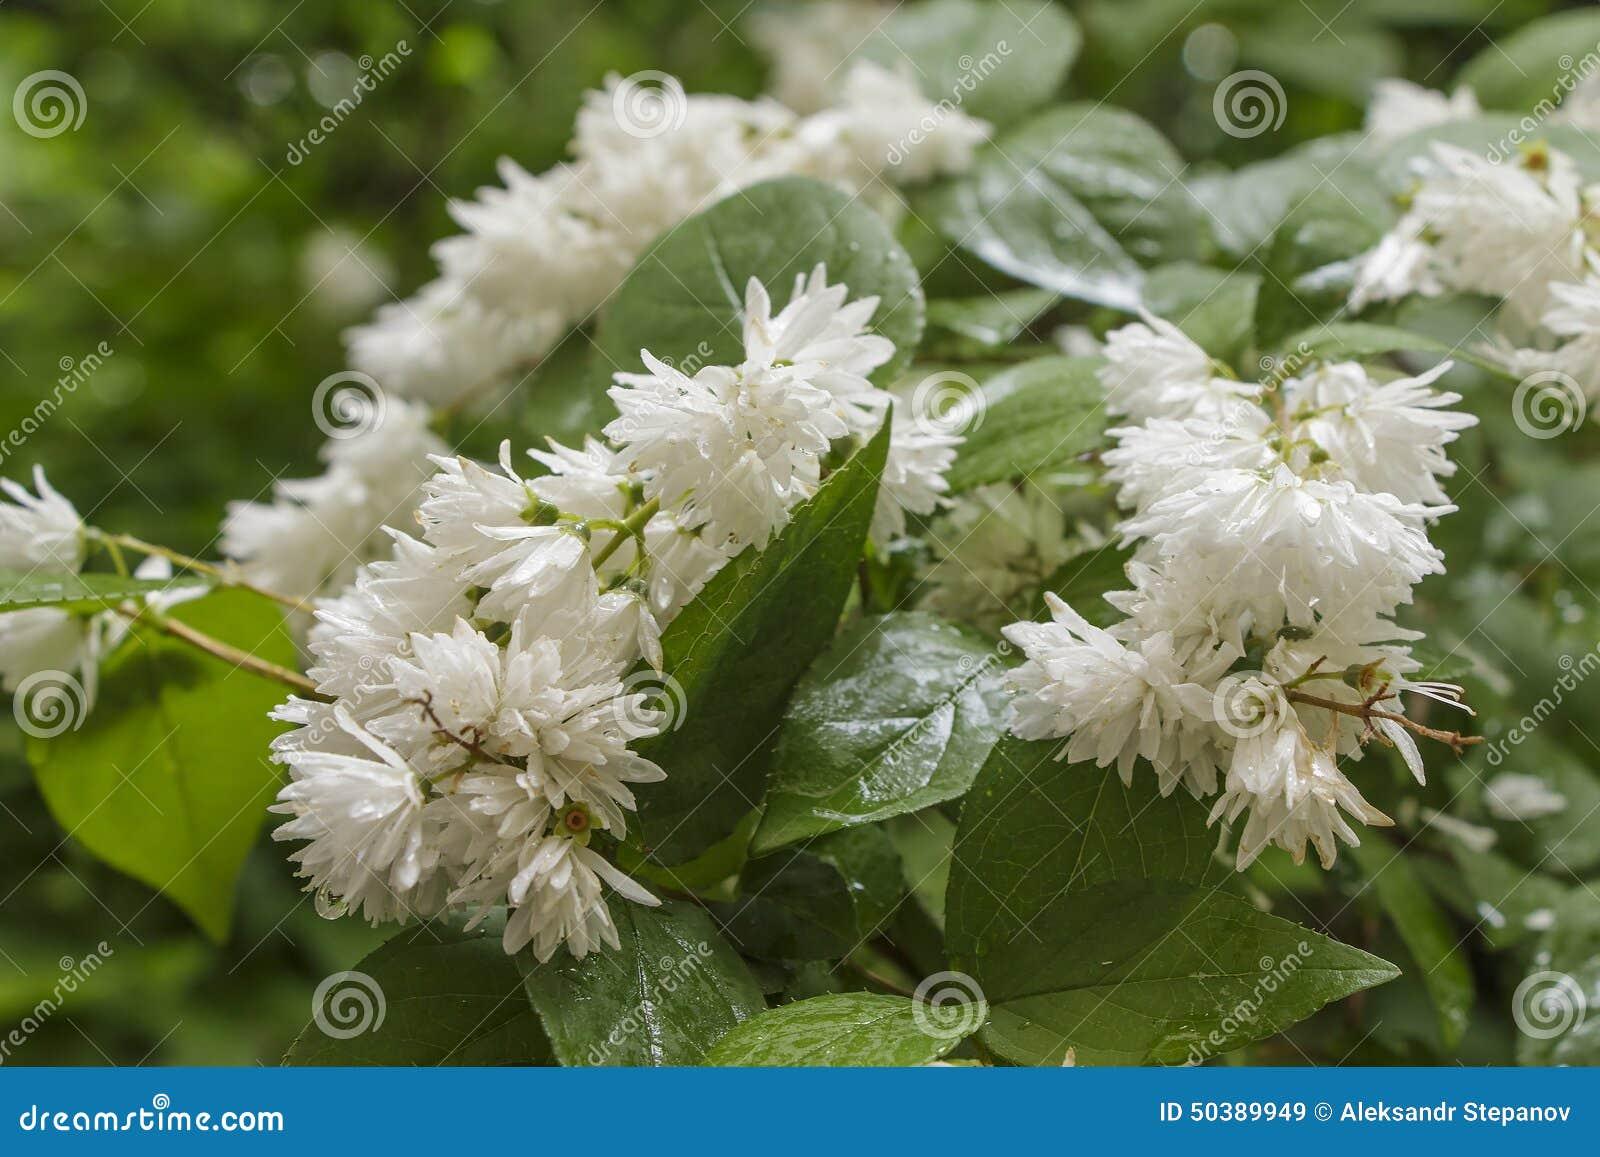 Arbusto Con Fiori Bianchi.Arbusto Di Fioritura Con I Fiori Bianchi In Tempo Piovoso Immagine